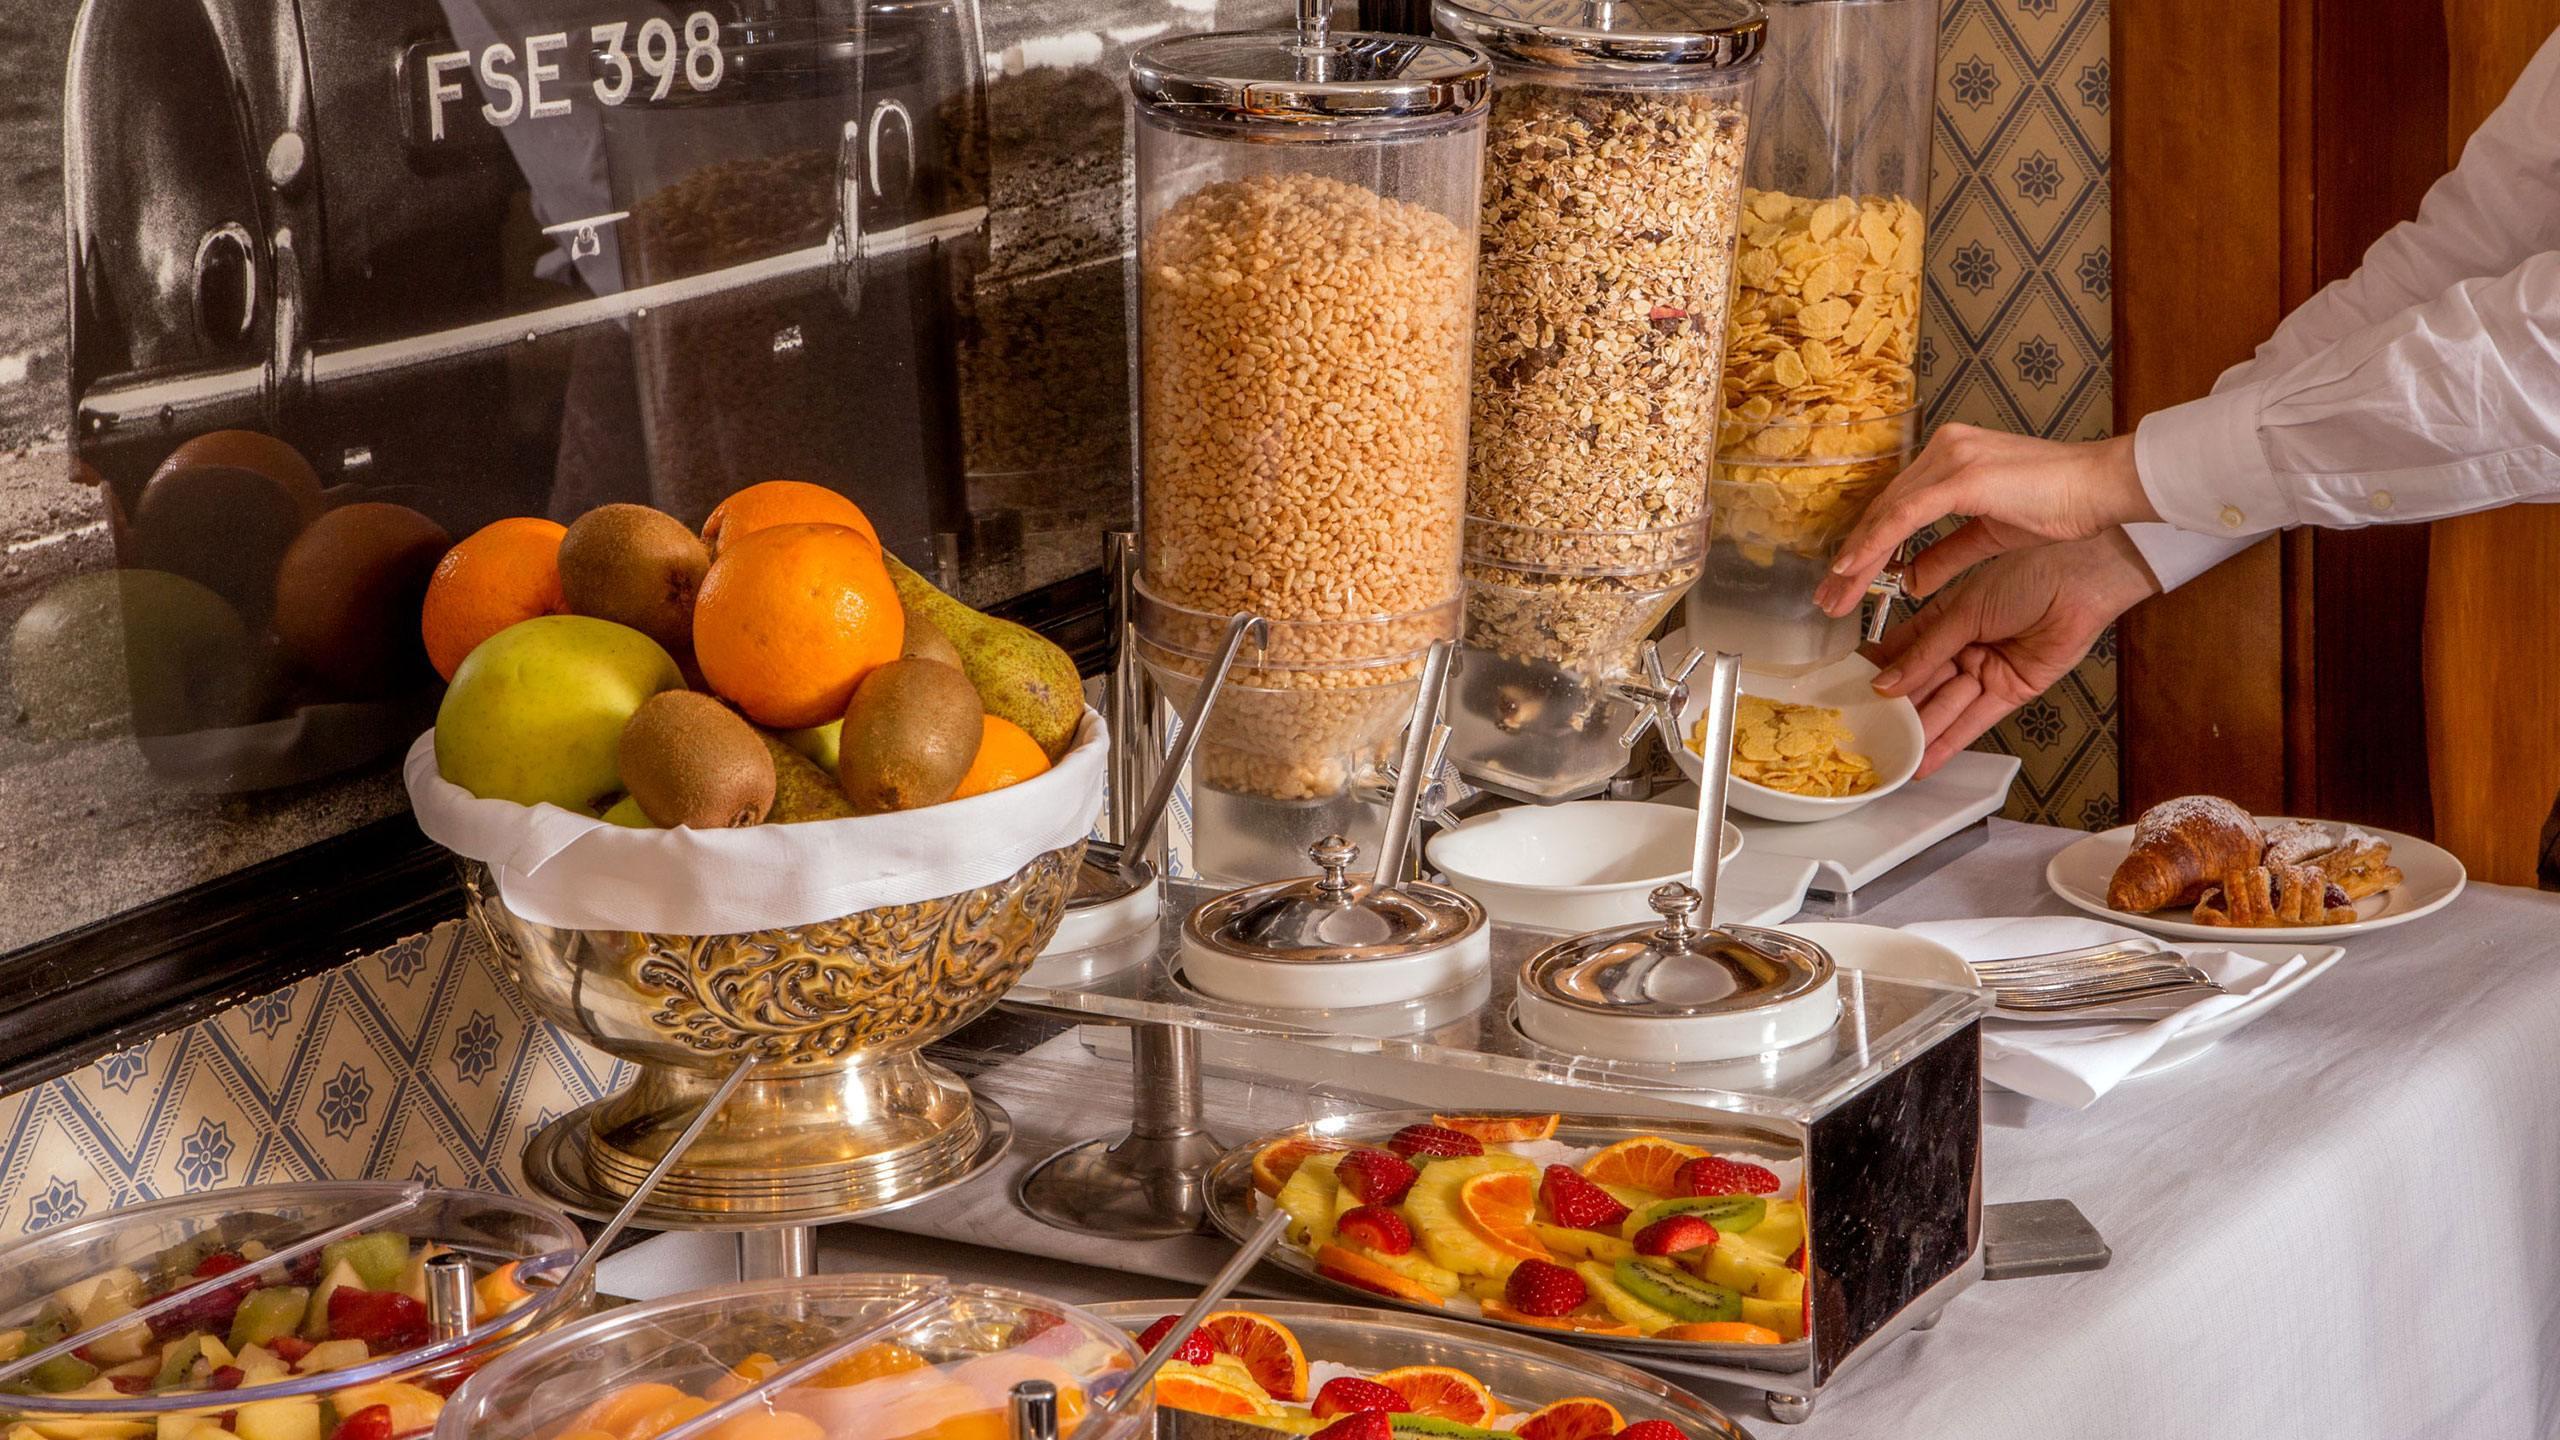 albergo-ottocento-rome-déjeuner-06